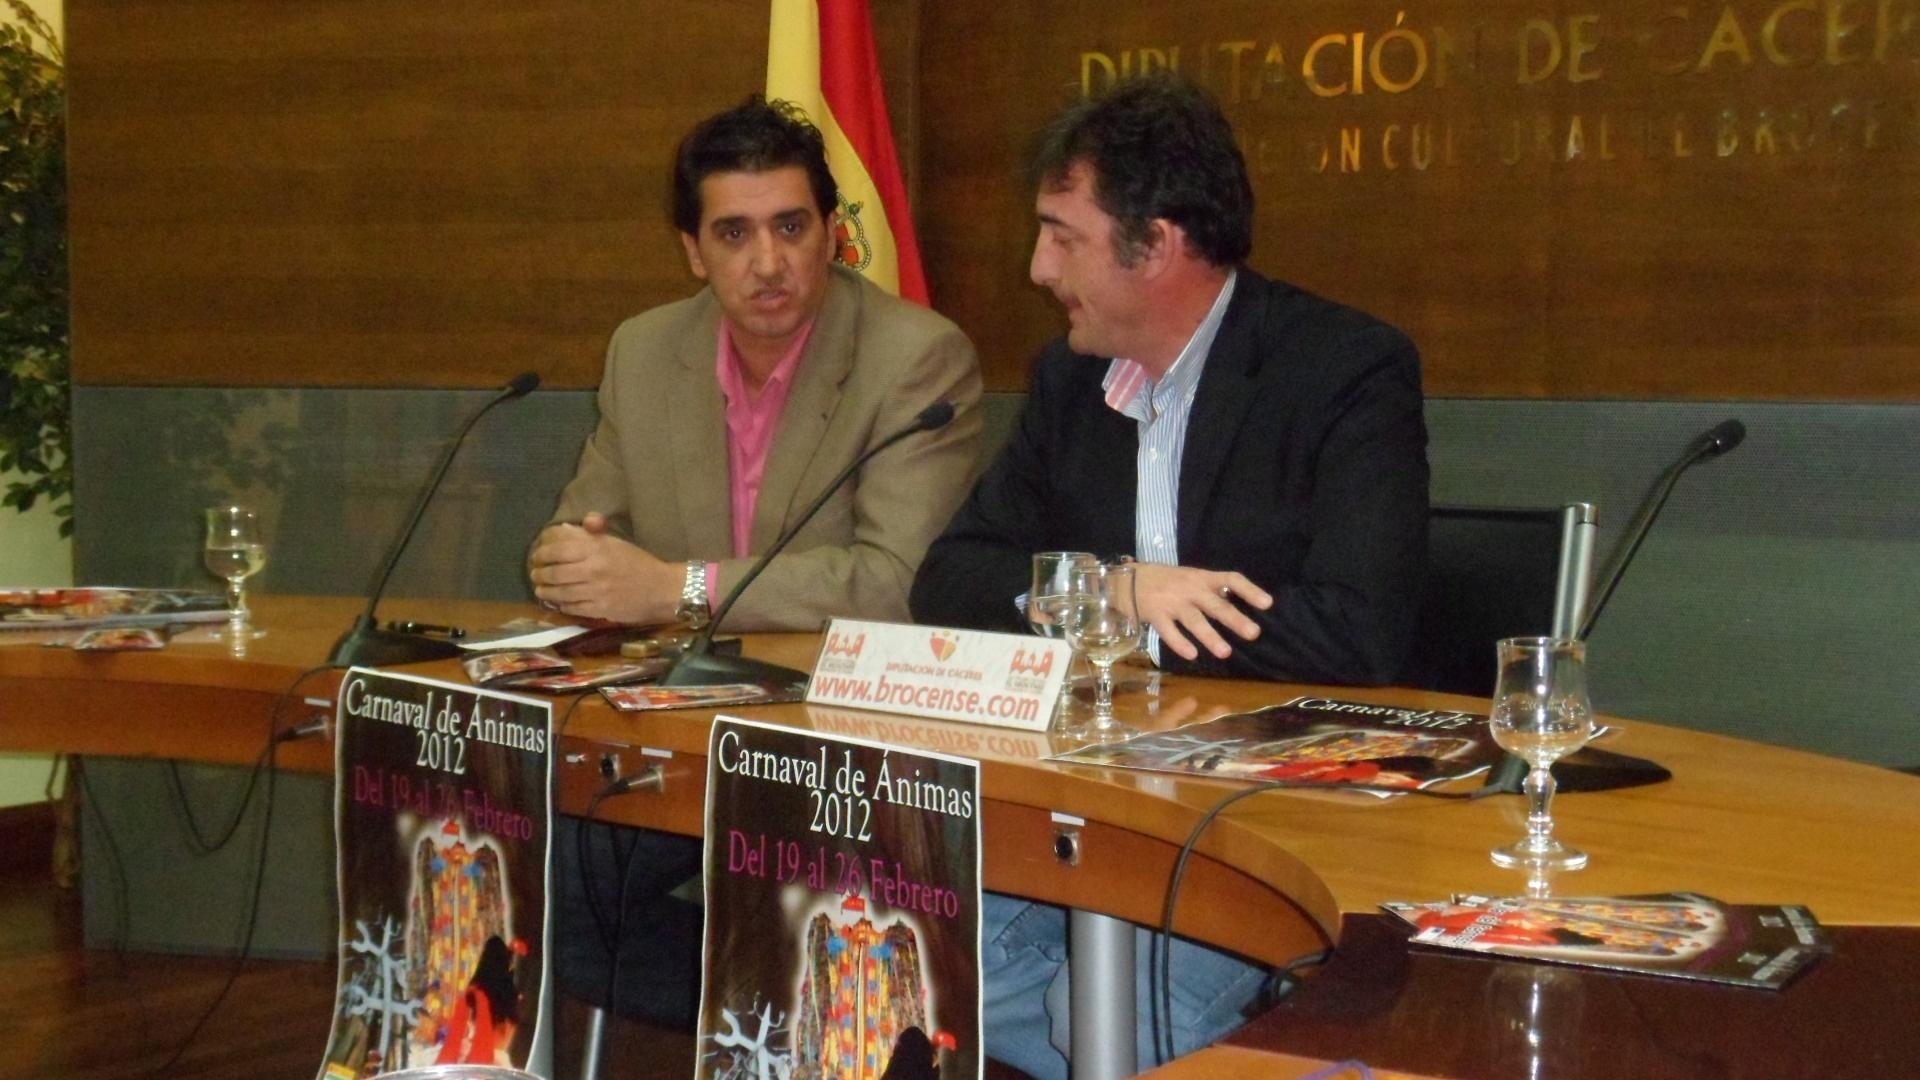 La Diputación apoyará al Carnaval de las Ánimas para que sea Fiesta de Interés Regional